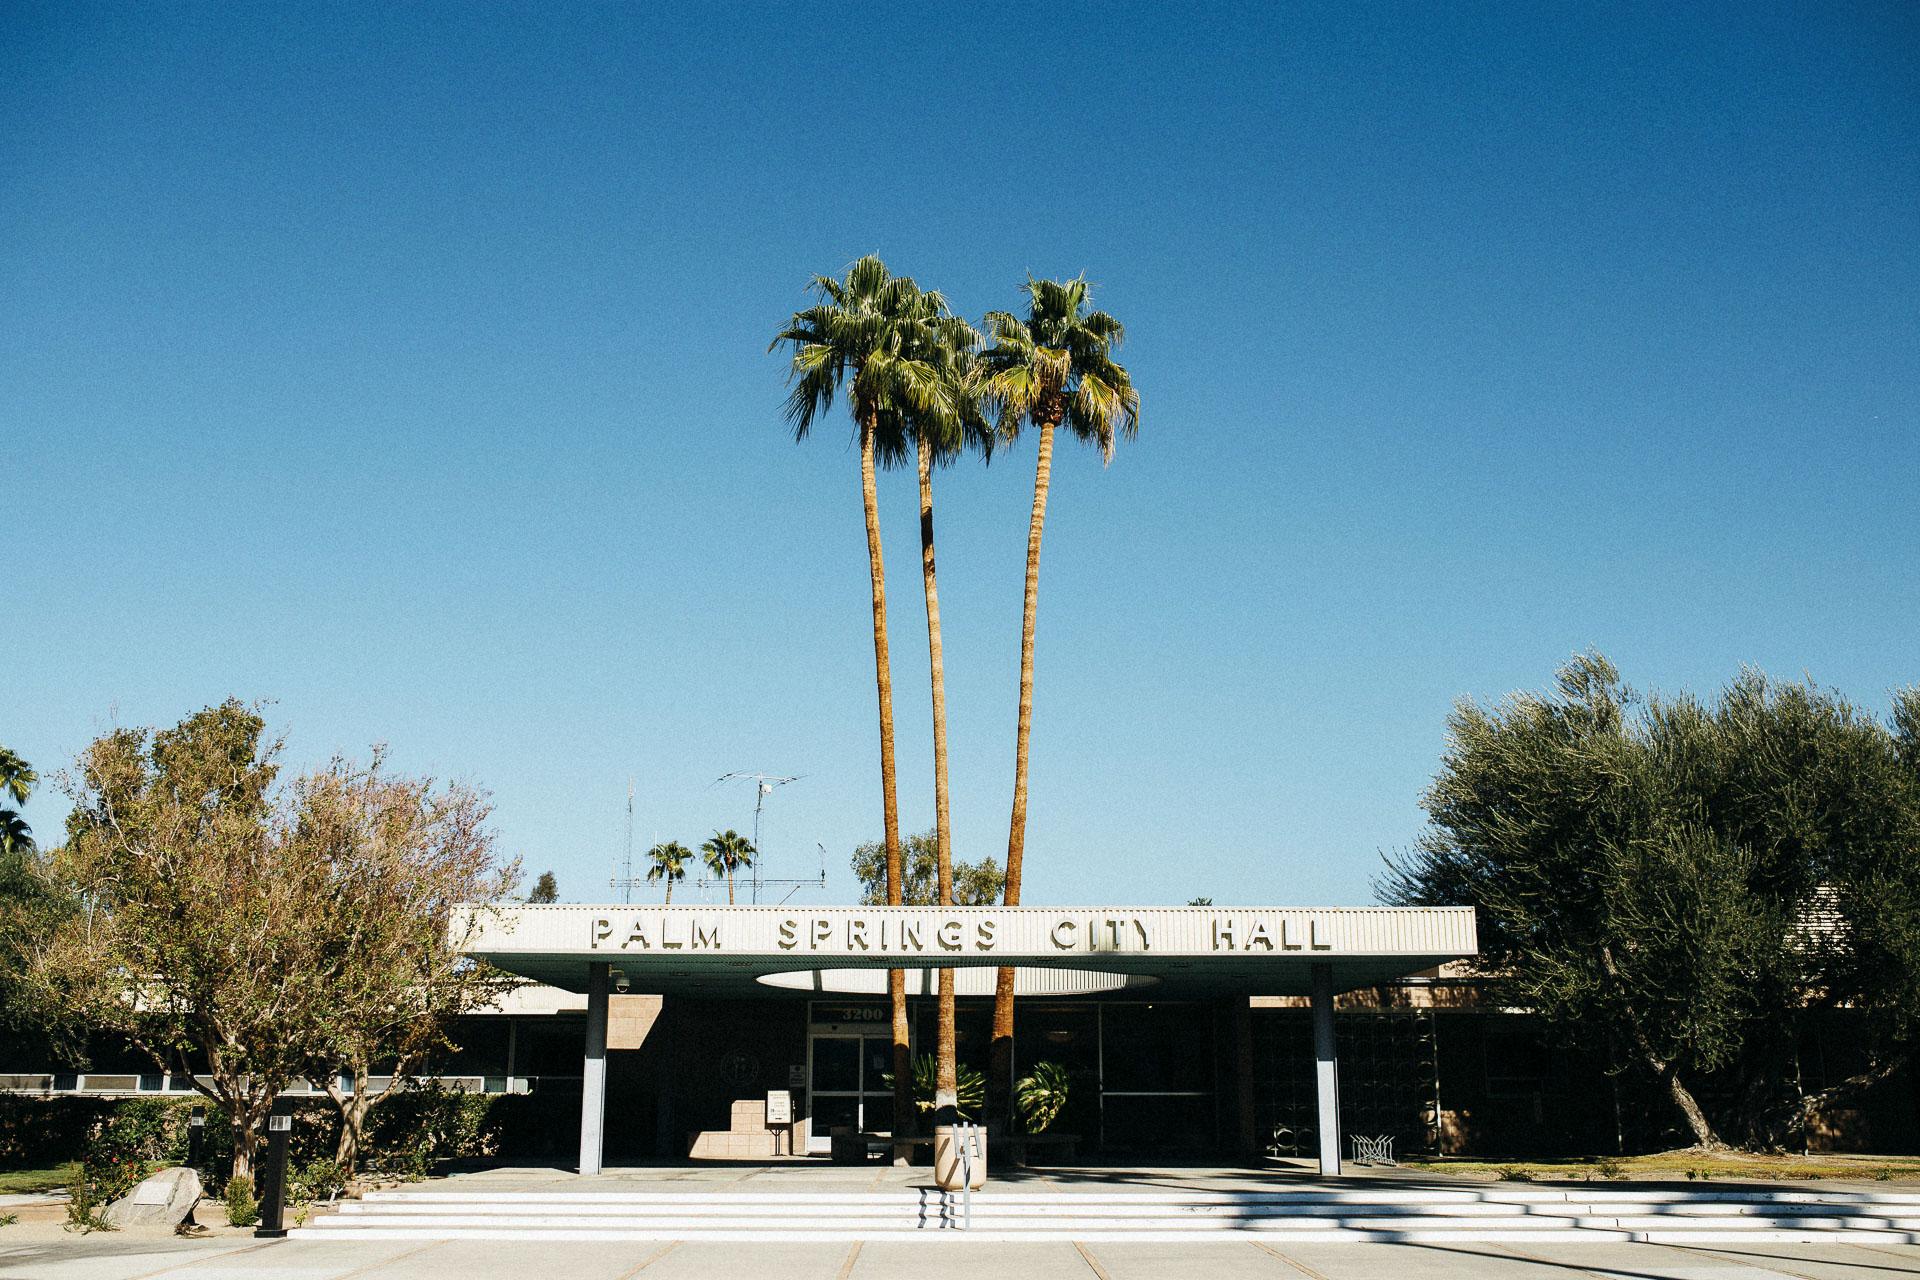 PalmSprings_JeanLaurentGaudy_001-8-California